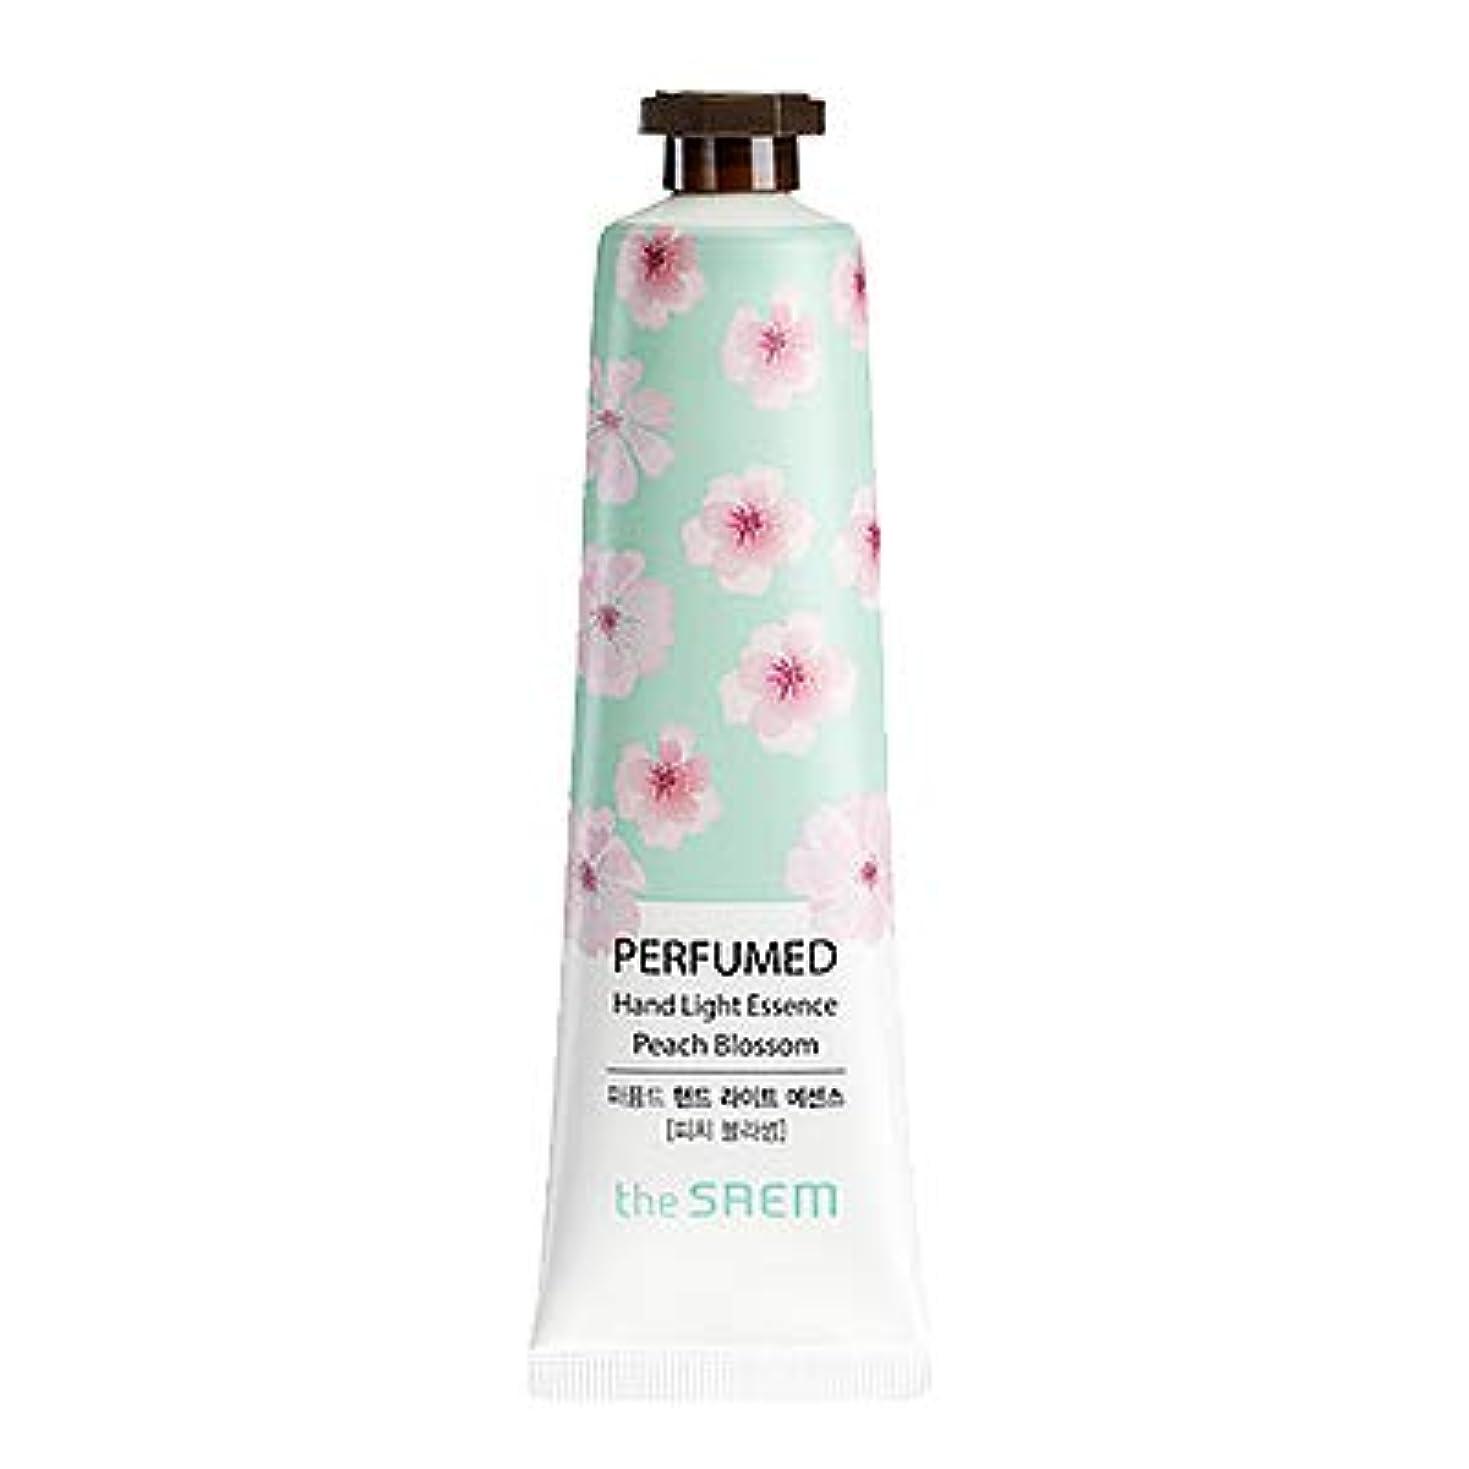 国勢調査透明にまばたきtheSAEM ザセム パヒューム ハンド ライト エッセンス ハンドクリーム PERFUMED HAND LIGHT ESSENCE 韓国コスメ (E-Peach Blossom(ピーチブロッサム))